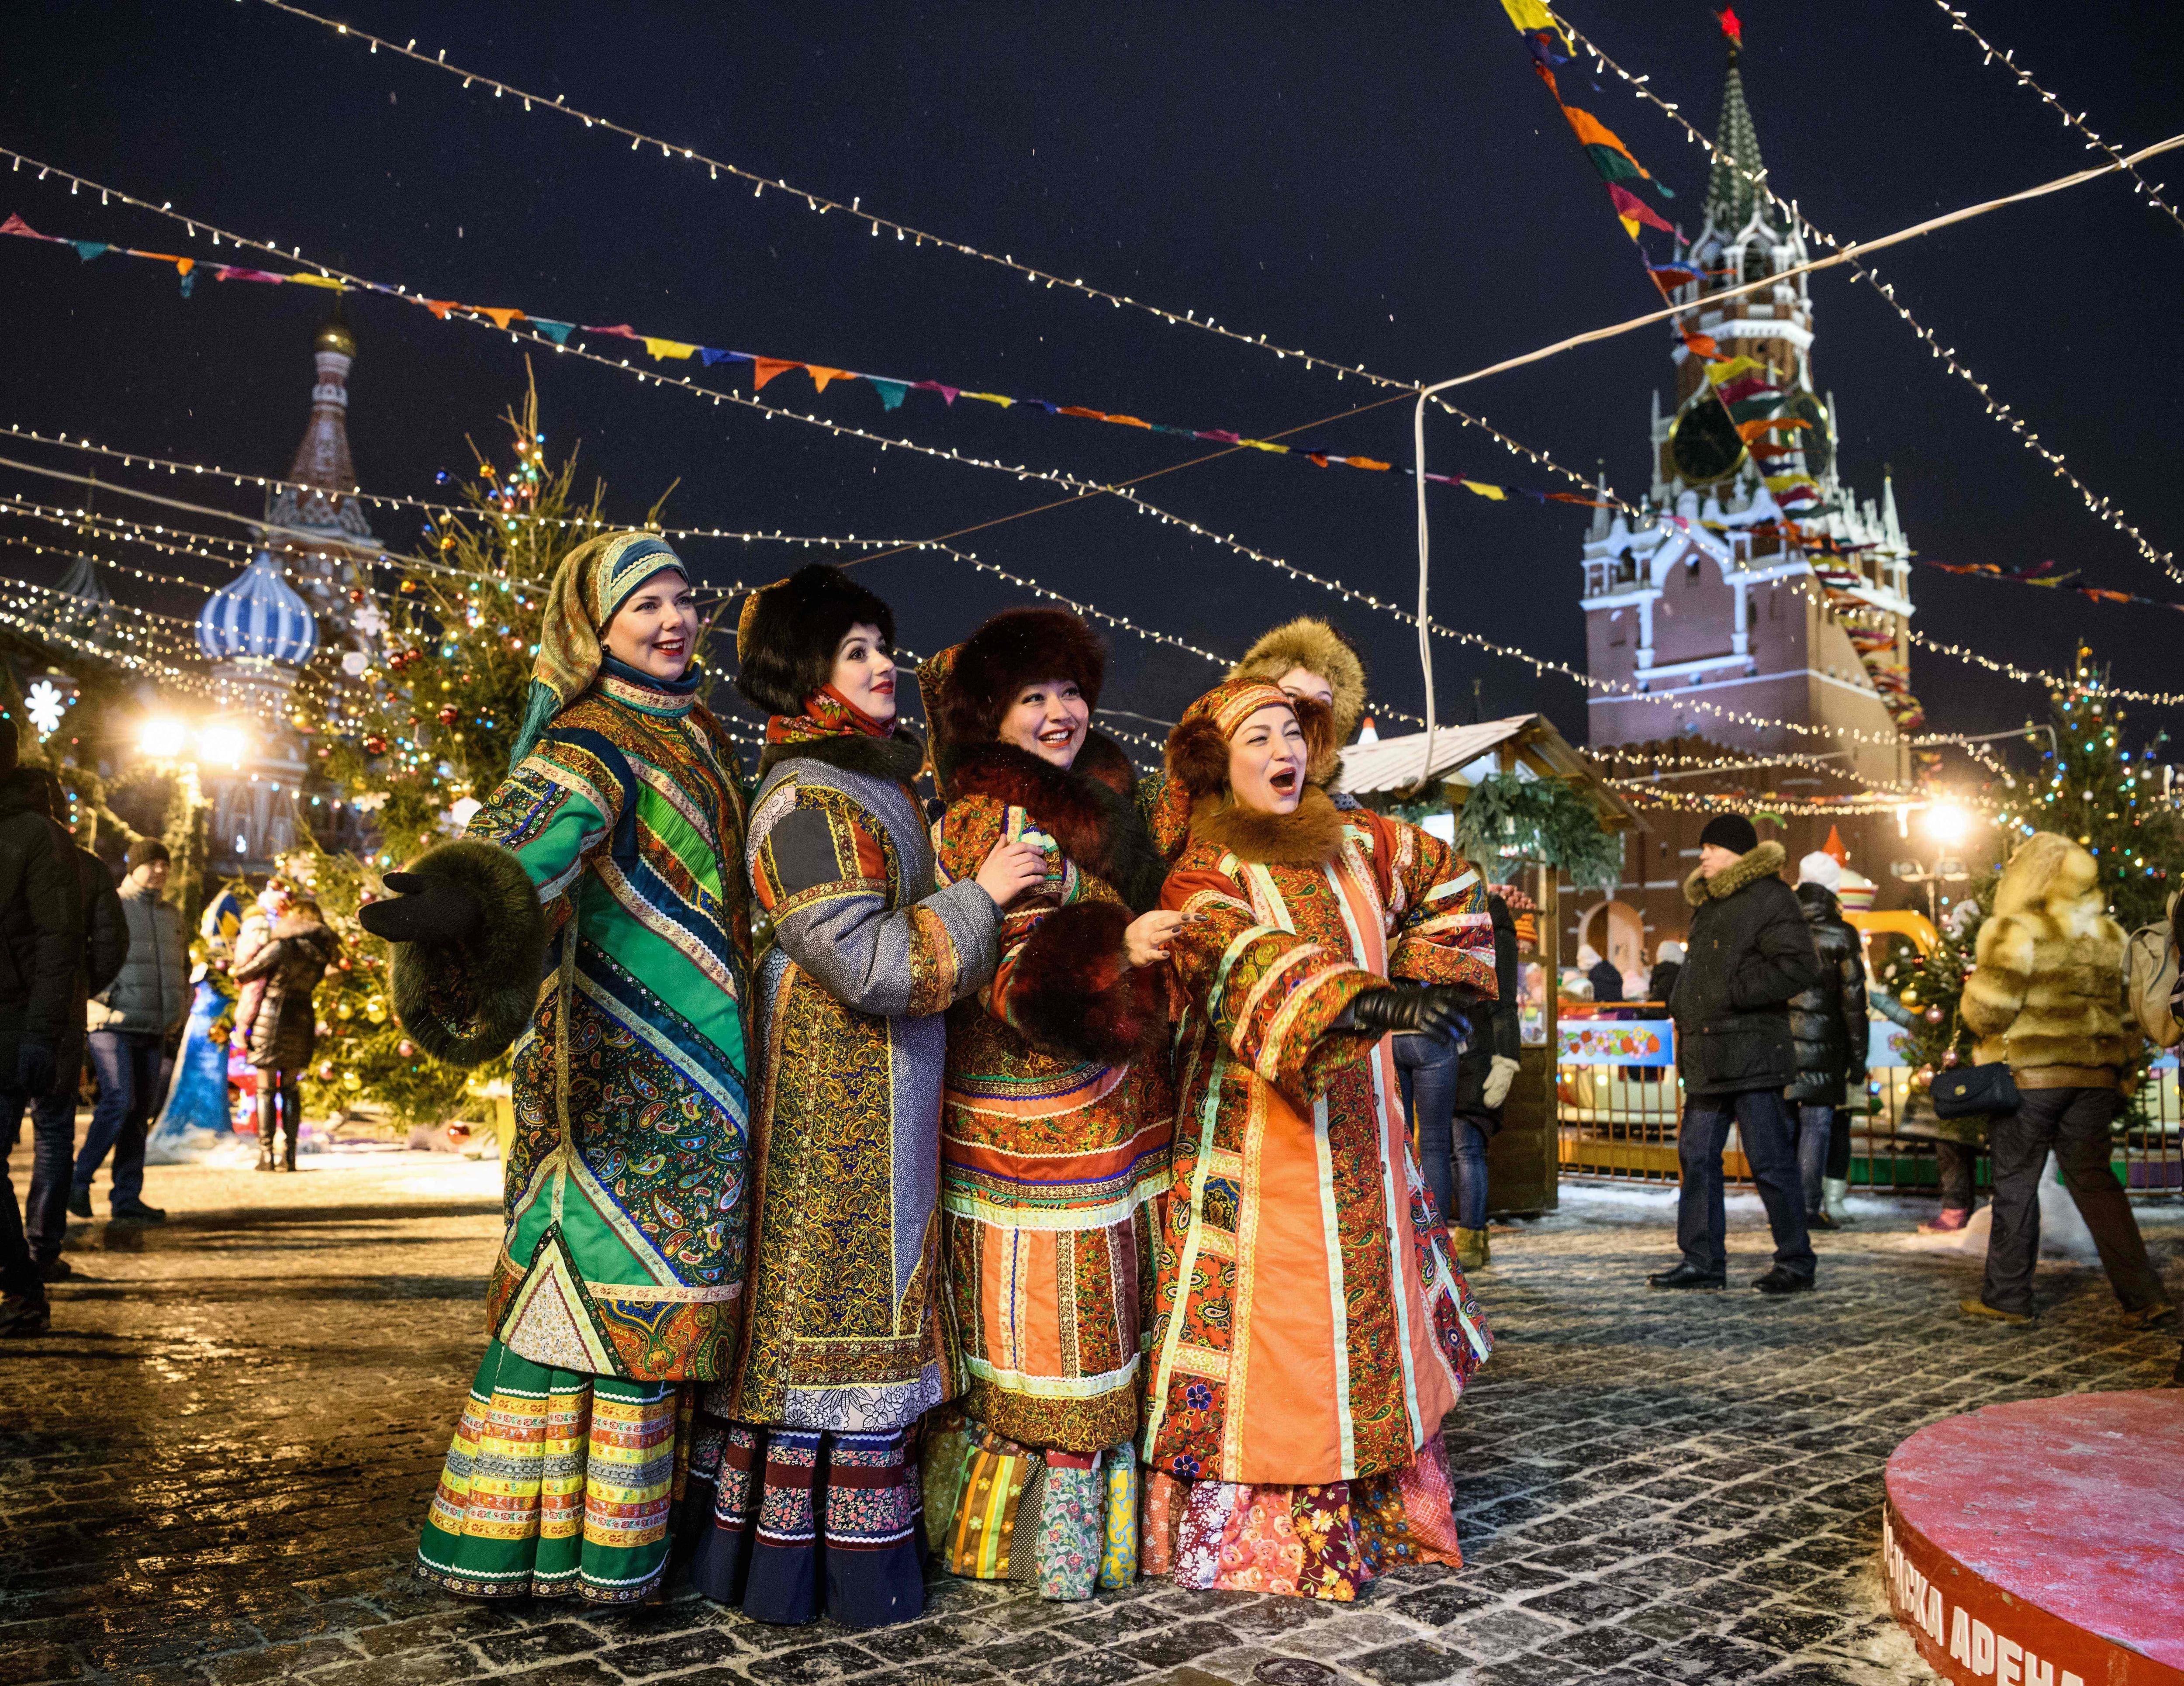 Les Traditions De Noel En Australie quels pays célèbrent noël et quand le font-ils? | les cartes